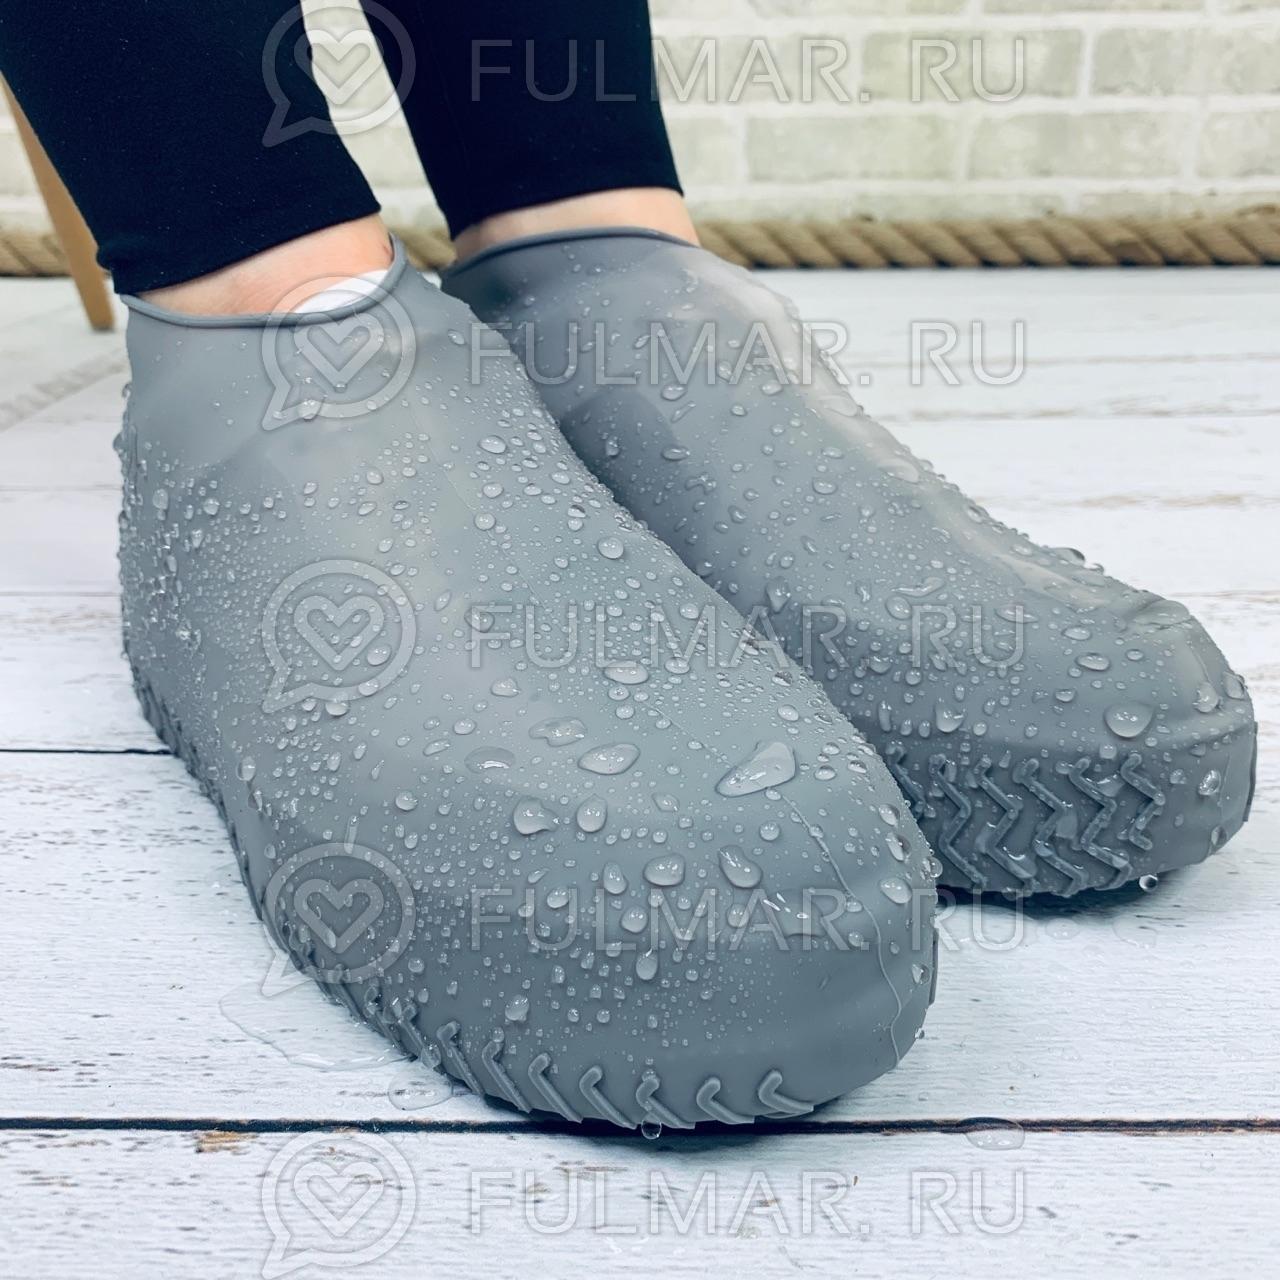 Детские силиконовые чехлы для обуви Многоразовые Антискользящие от дождя водонепроницаемые Серые фото